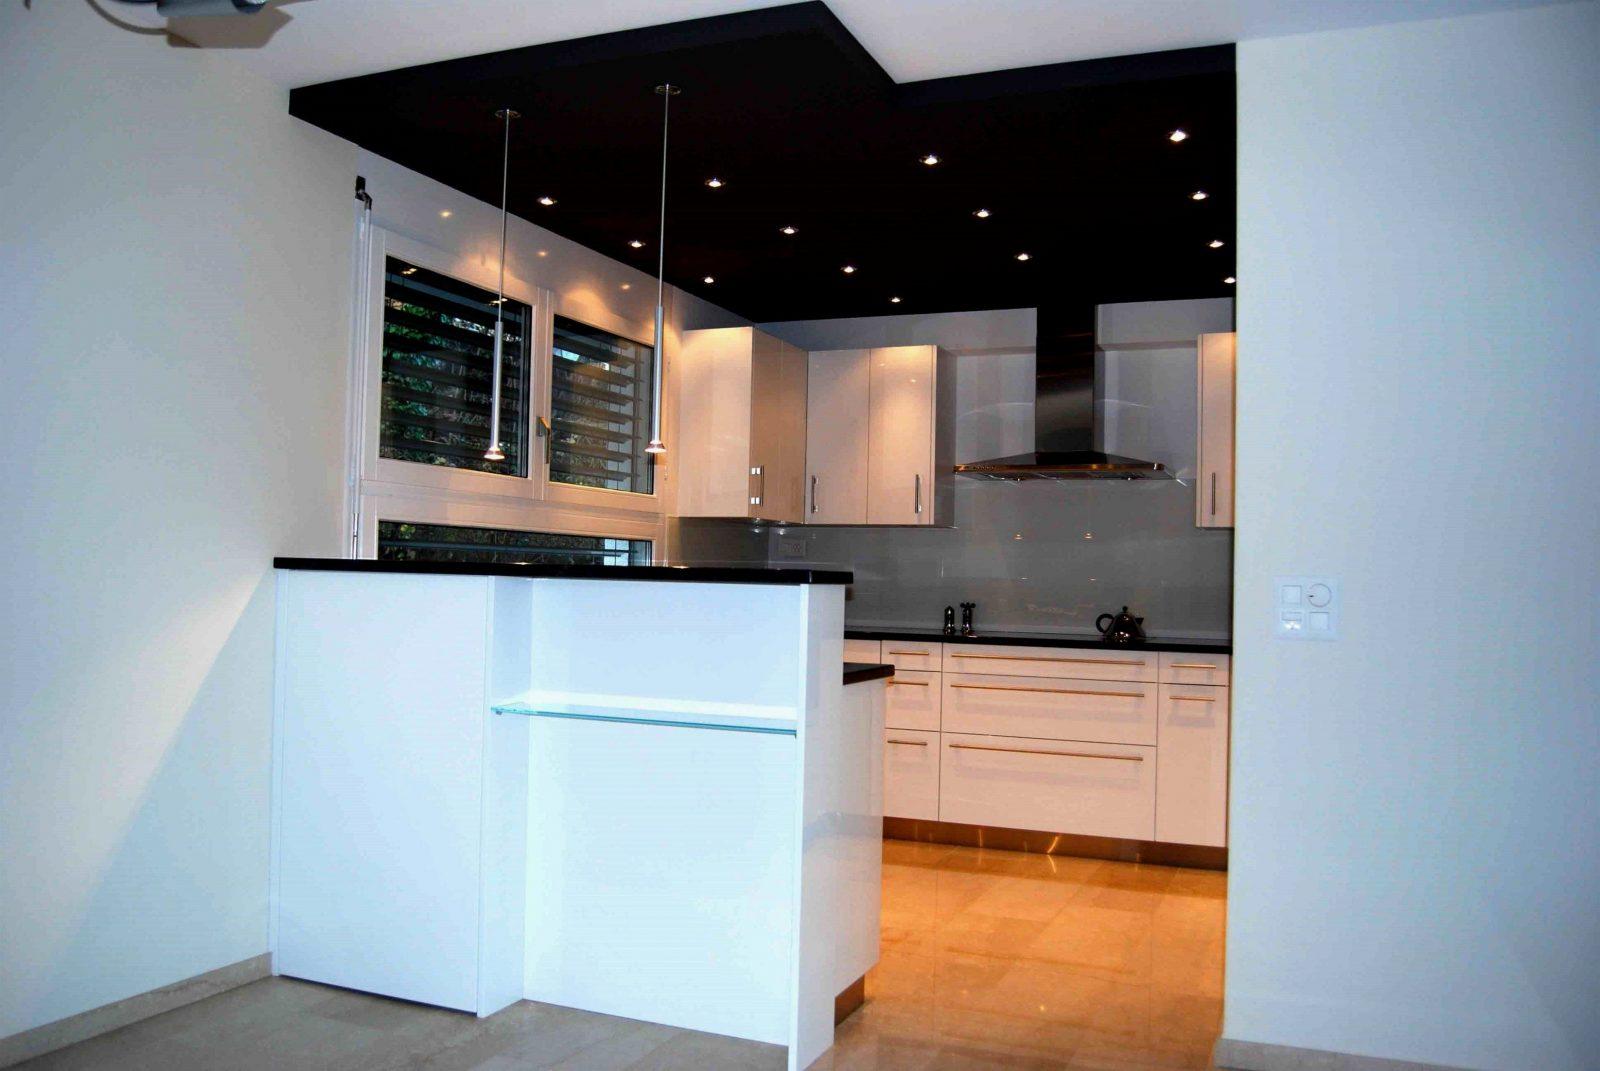 Paneele Küche 21 Emejing Küche Selbst Gestalten House Design Ideas von Wandverkleidung Küche Selber Machen Photo